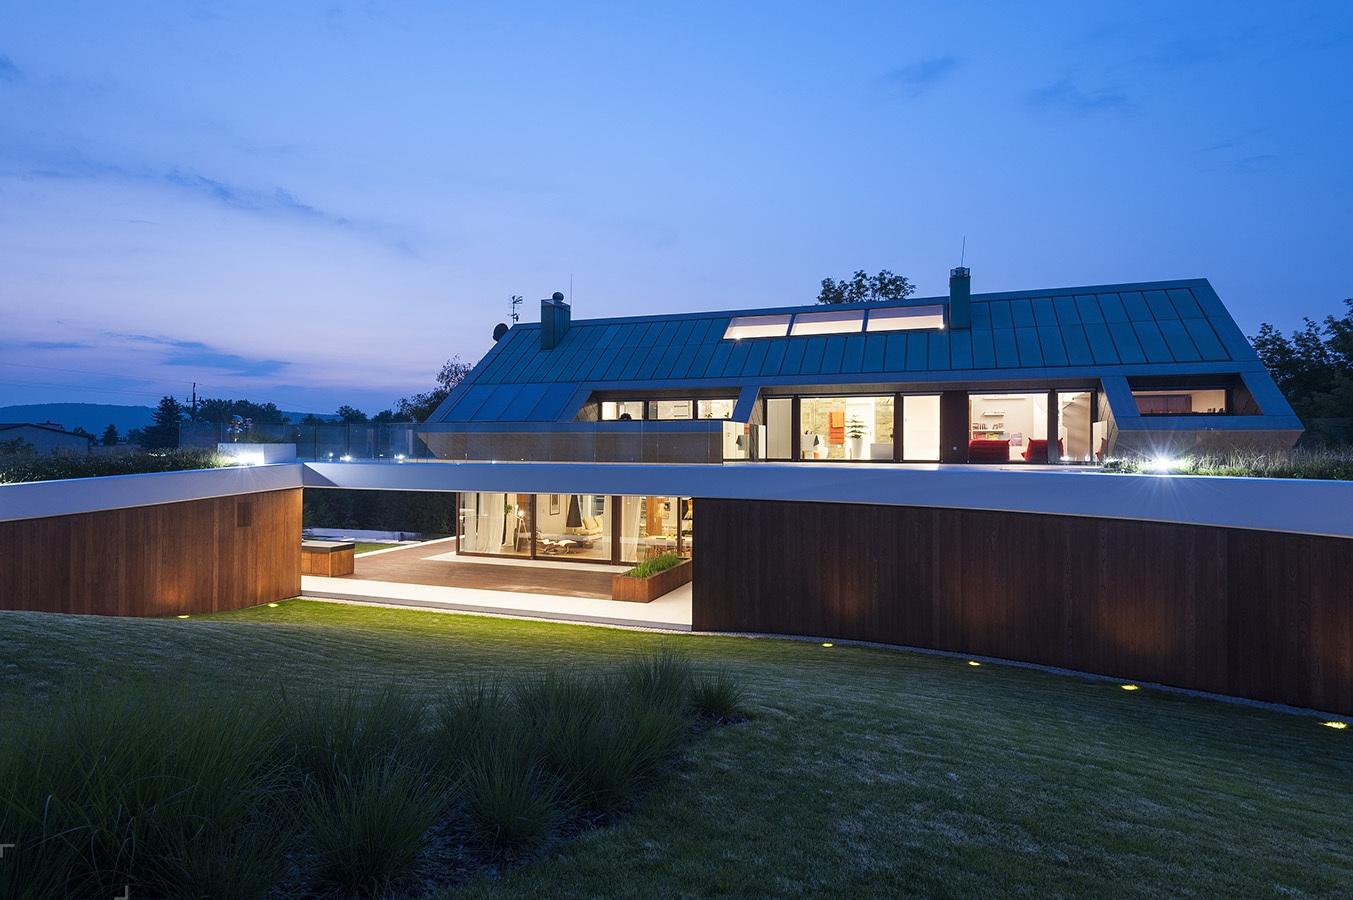 Дом, интегрированный в сложный рельеф, в Кракове, Польша